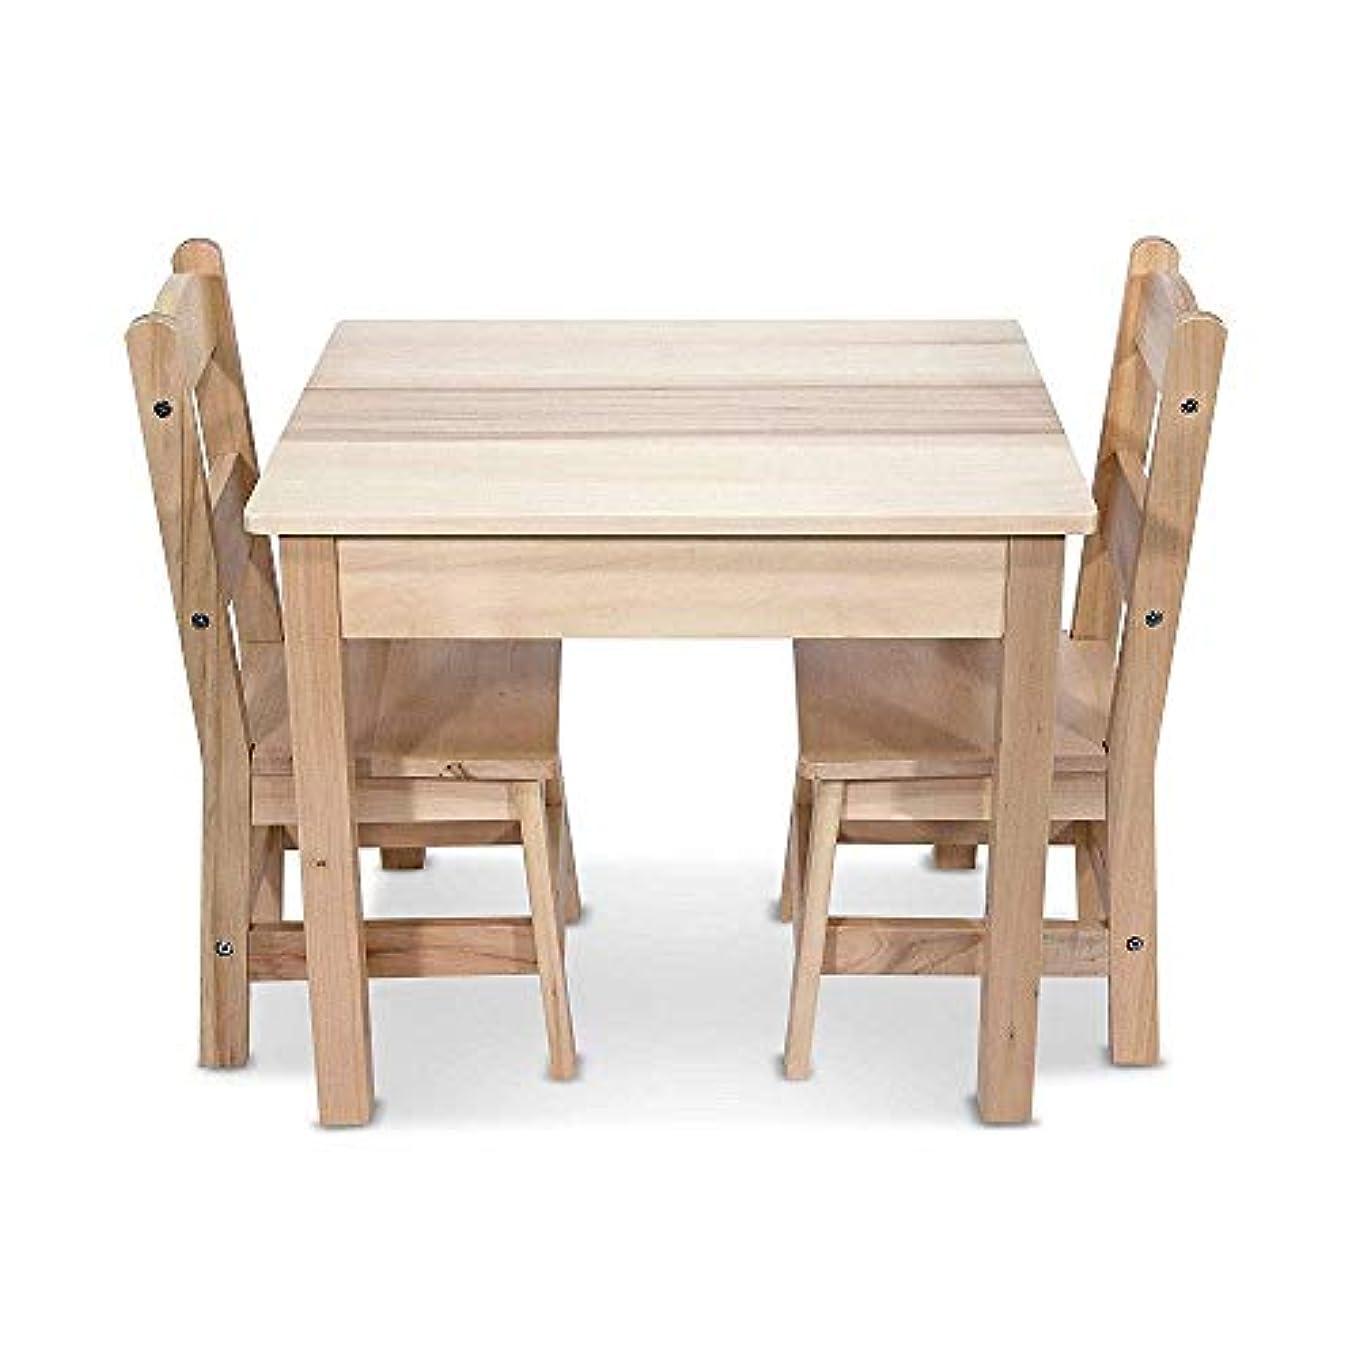 抗議守銭奴召集するSkroutz 子供用 テーブルと椅子セット 2椅子 無地 丈夫 3ピース 簡単組立式